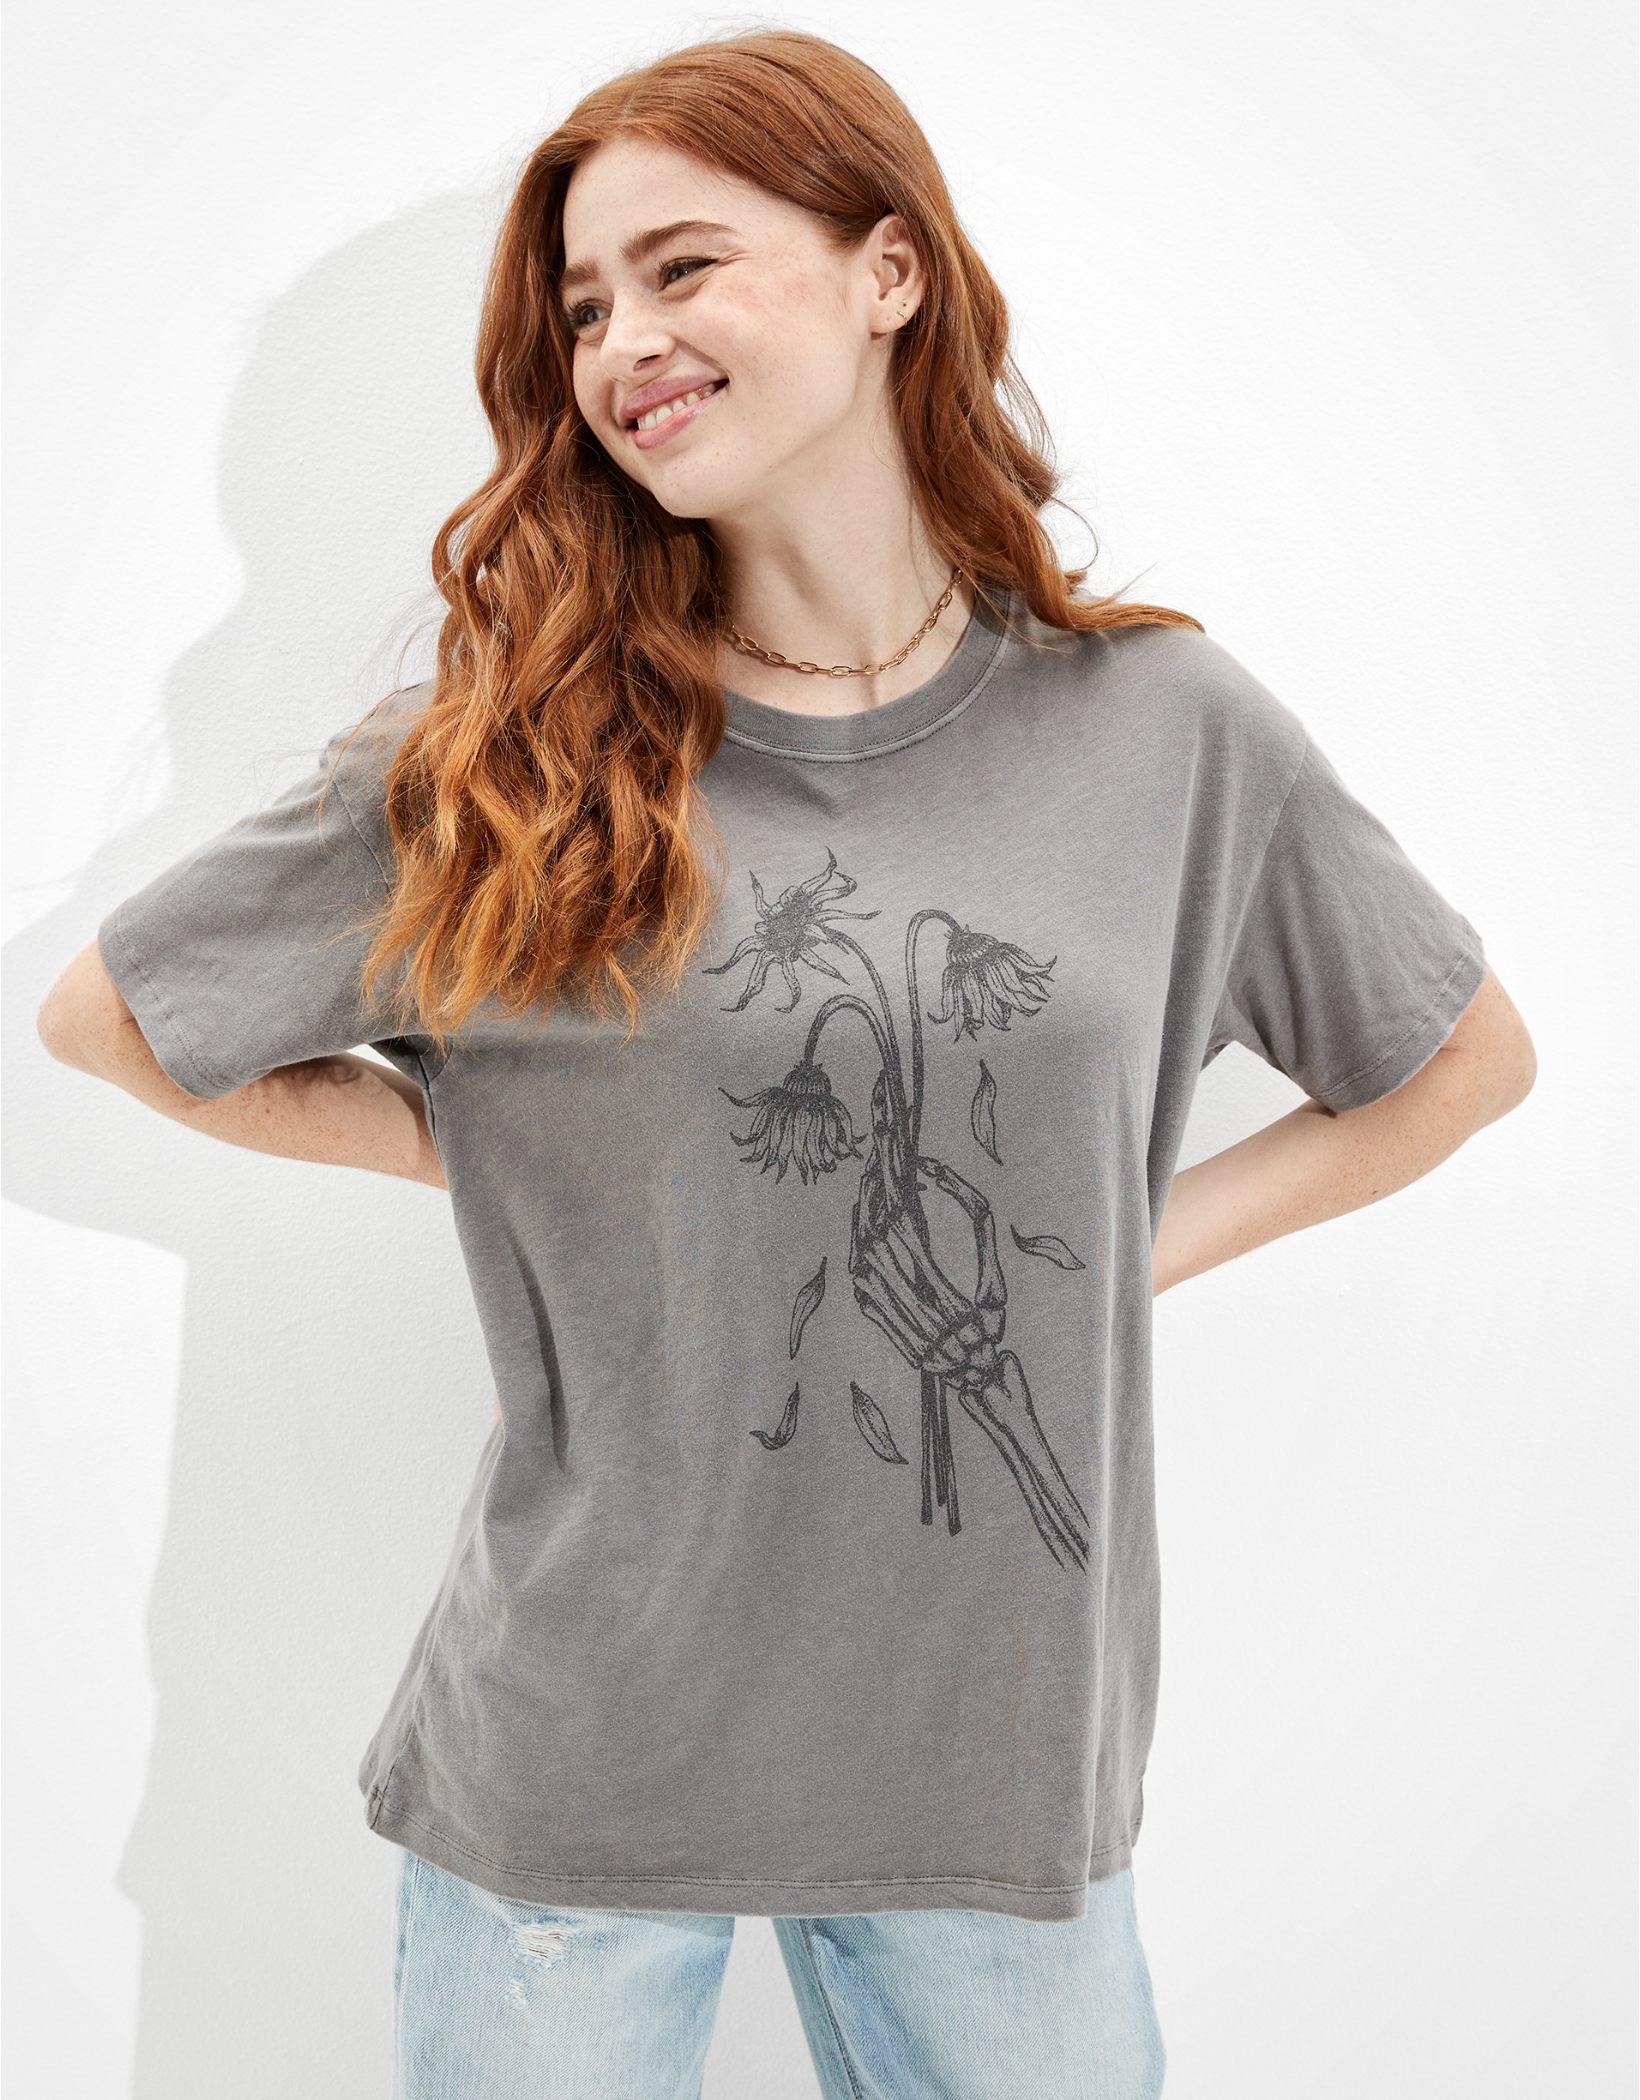 AE Oversized Halloween Graphic T-Shirt